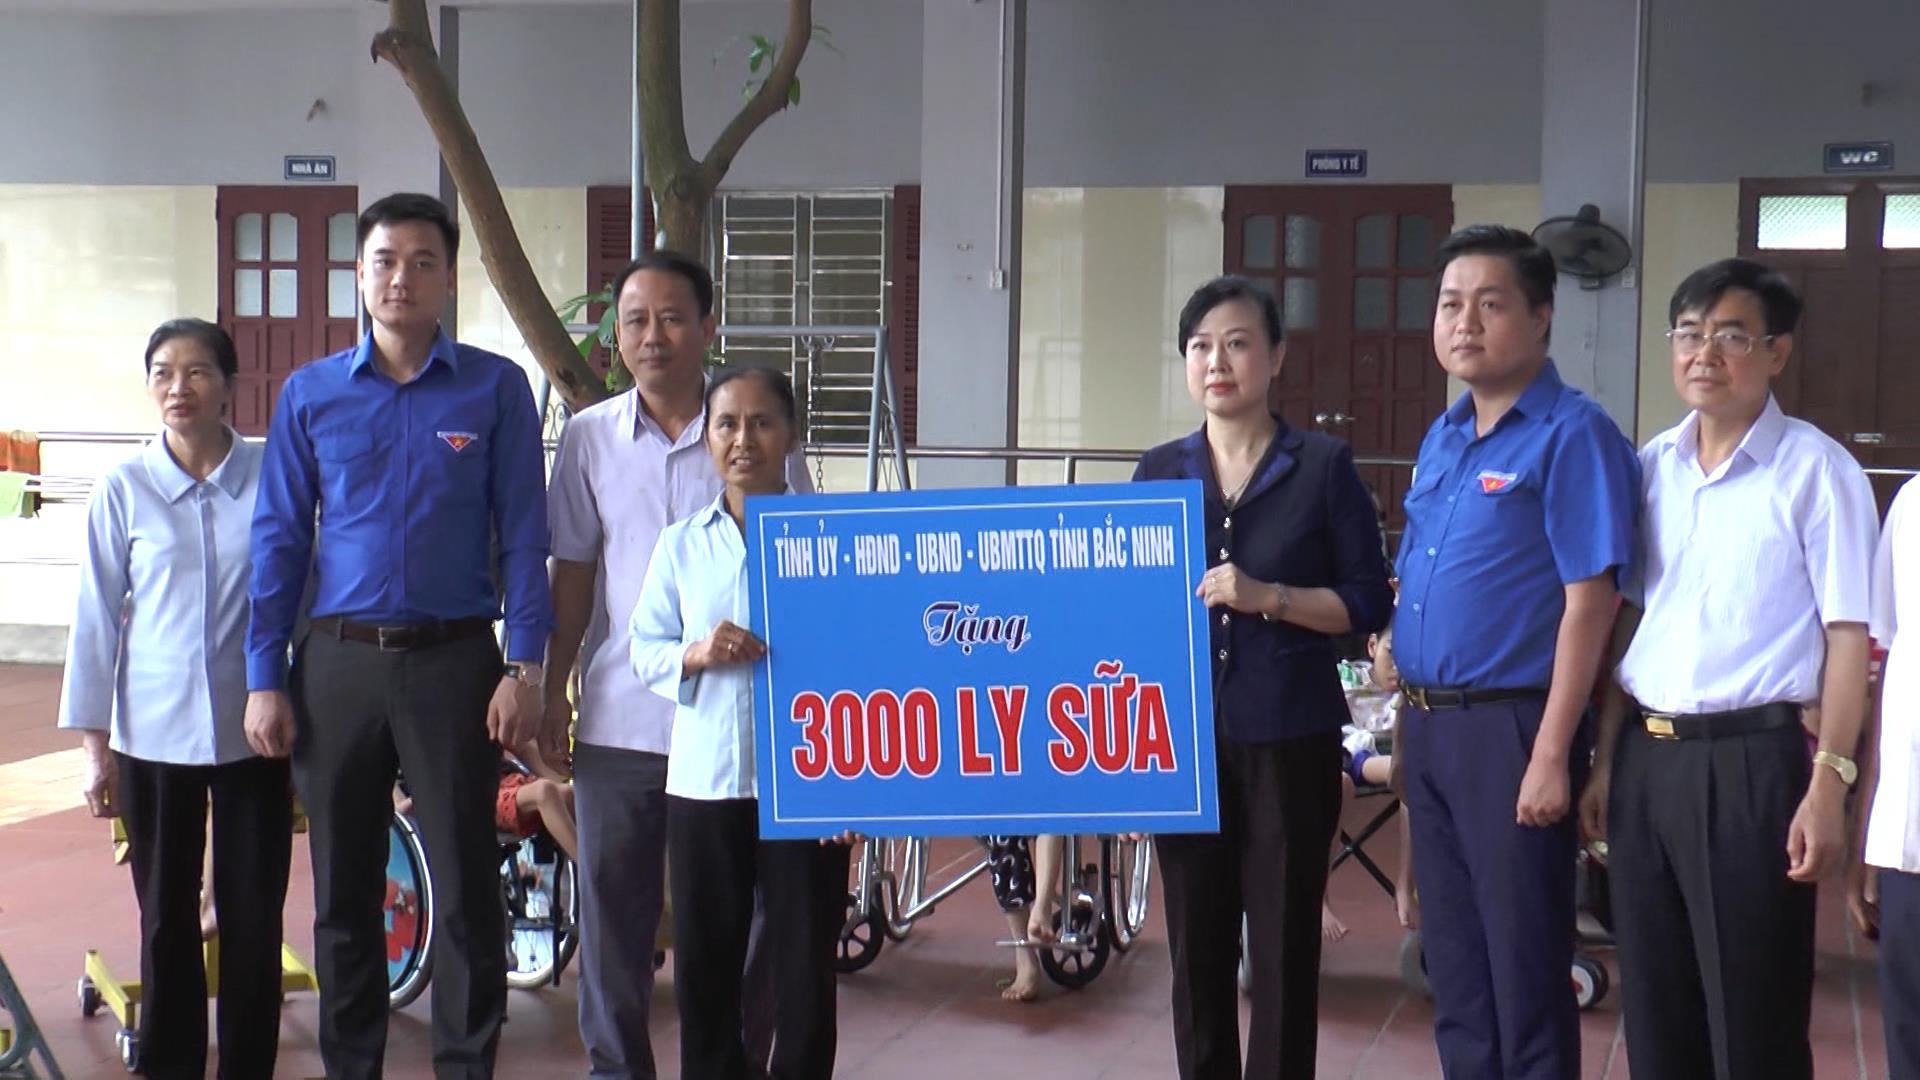 Phó Bí thư Thường trực Tỉnh ủy Đào Hồng Lan  tặng quà trẻ em tại Nhà tình thương Hương La